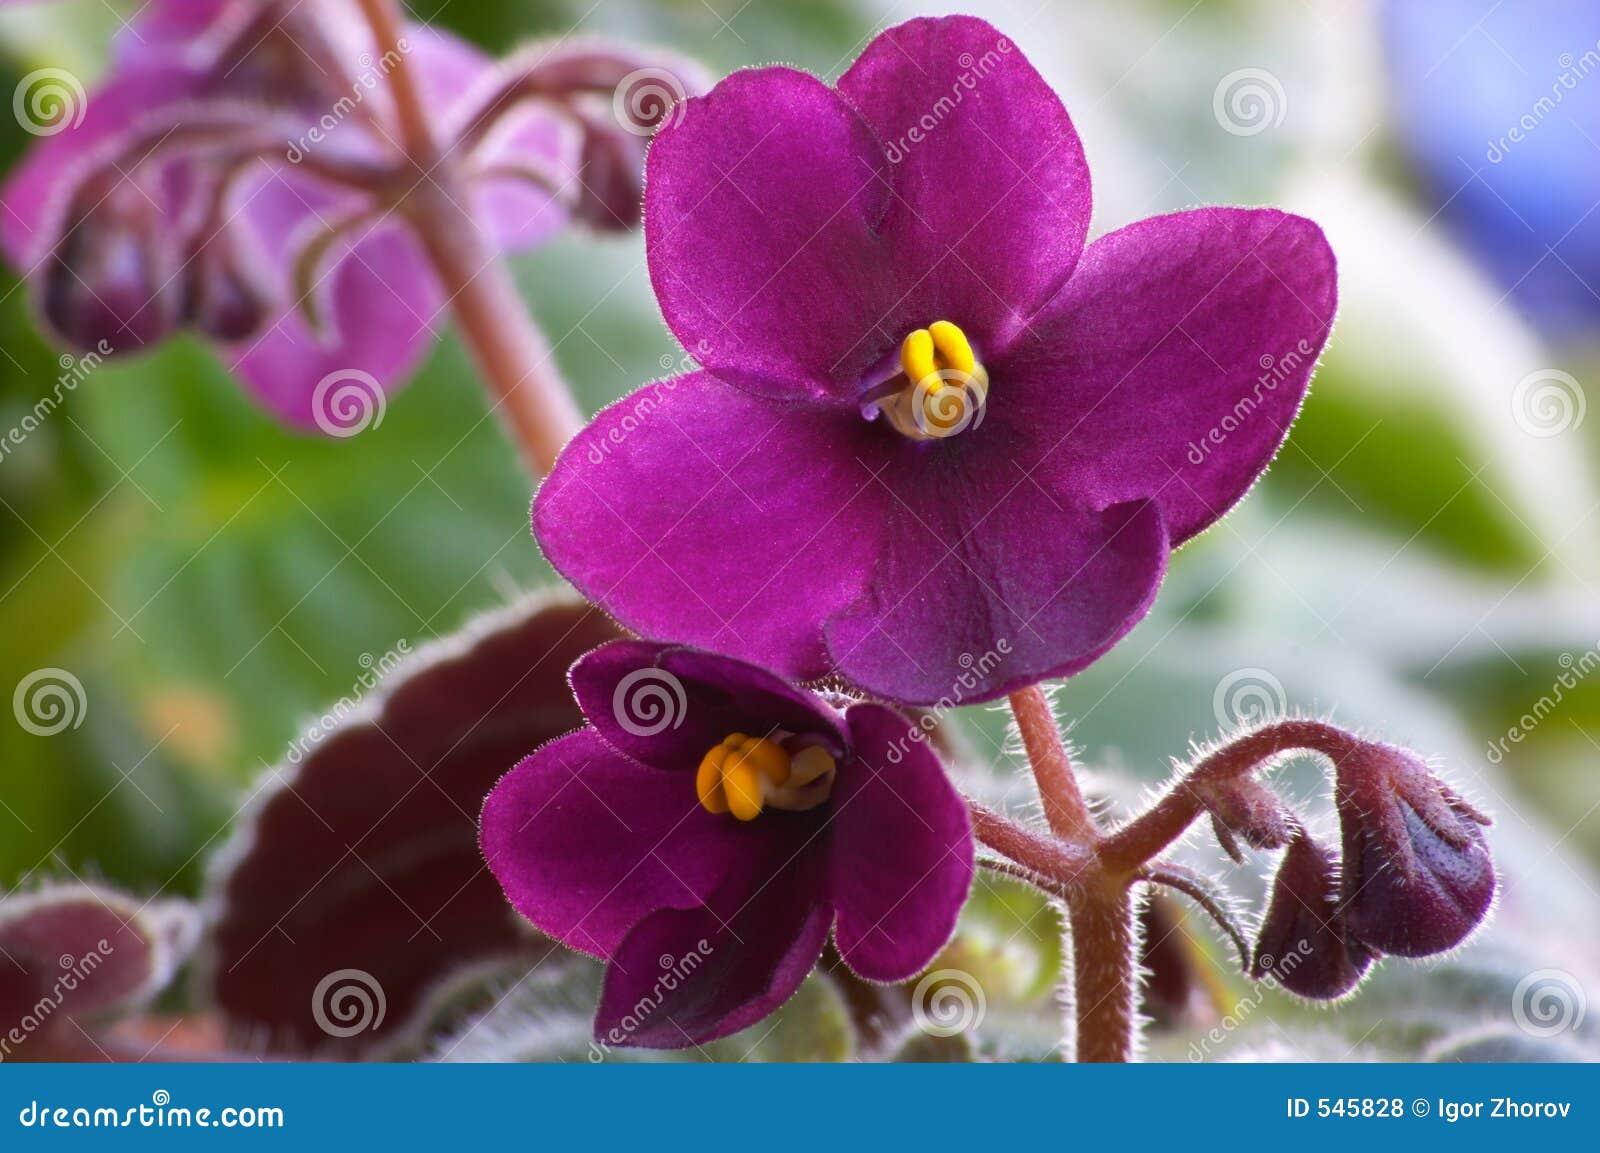 Download 3 african viole 库存照片. 图片 包括有 破擦声, 叶子, 抗癌, 绿色, 茂盛, 开花的, 工厂 - 545828